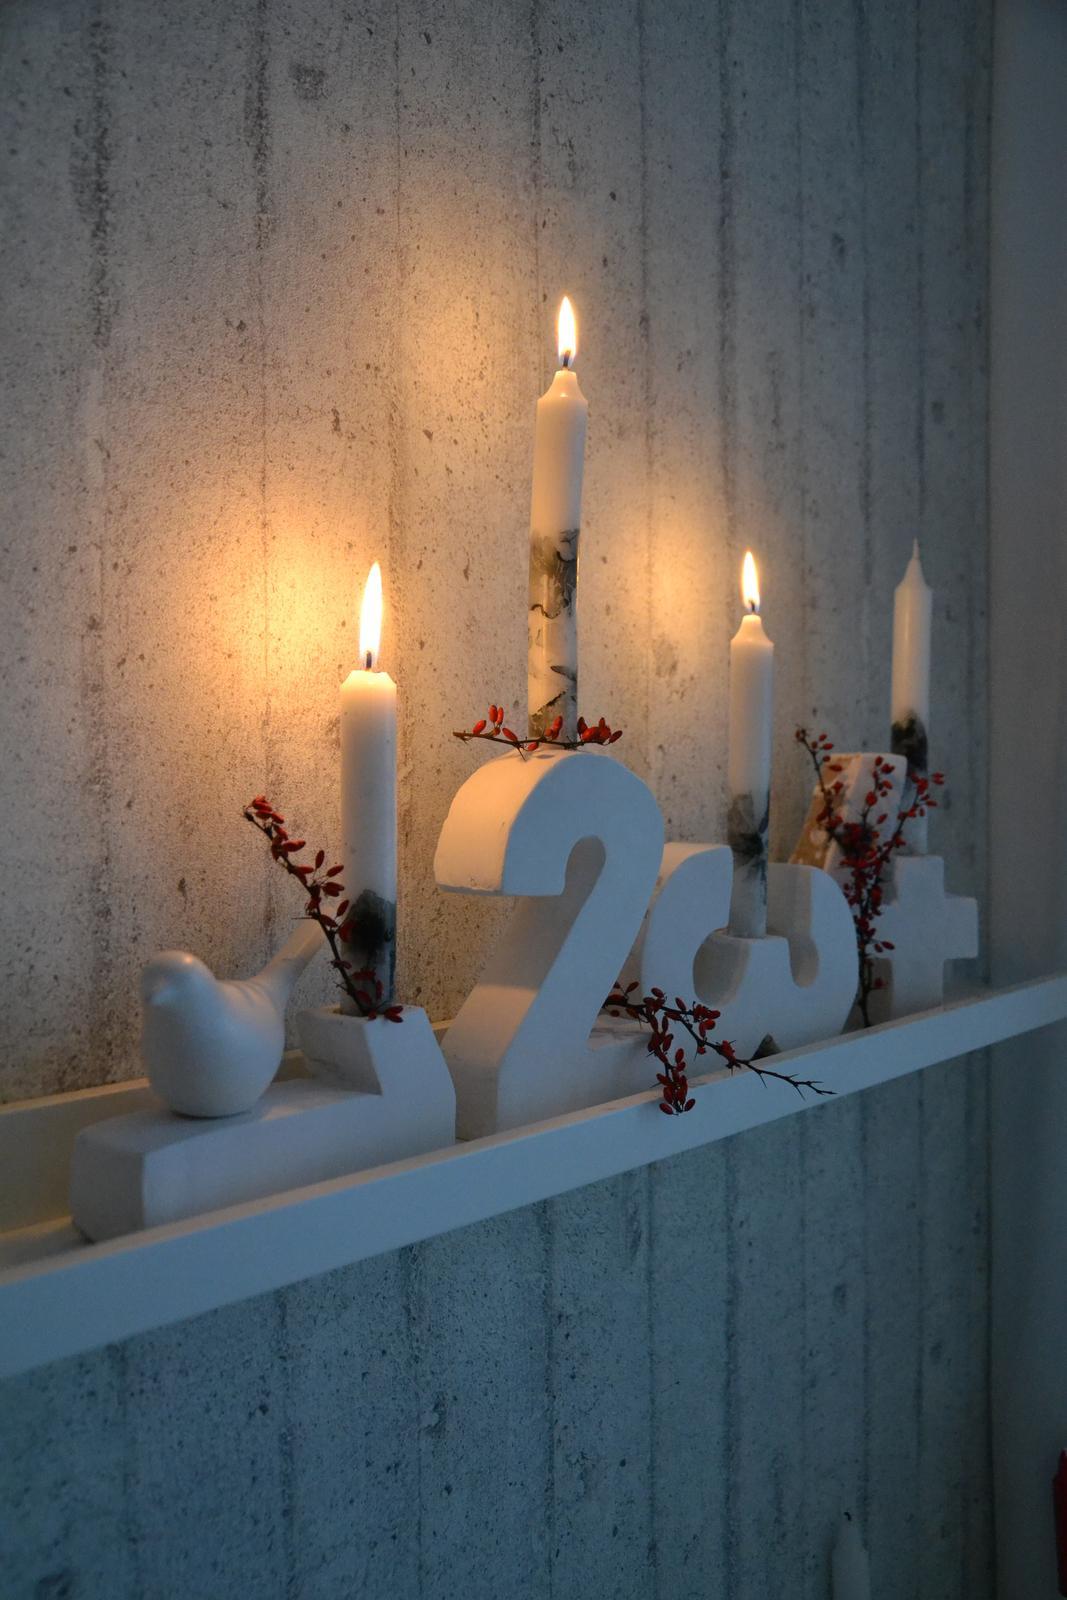 U nás doma v paneláku II. - třetí hoří, musím si obarvit nové svíčky už midošly a to jsem jich měla 20 :-) jsem hrozný piroman